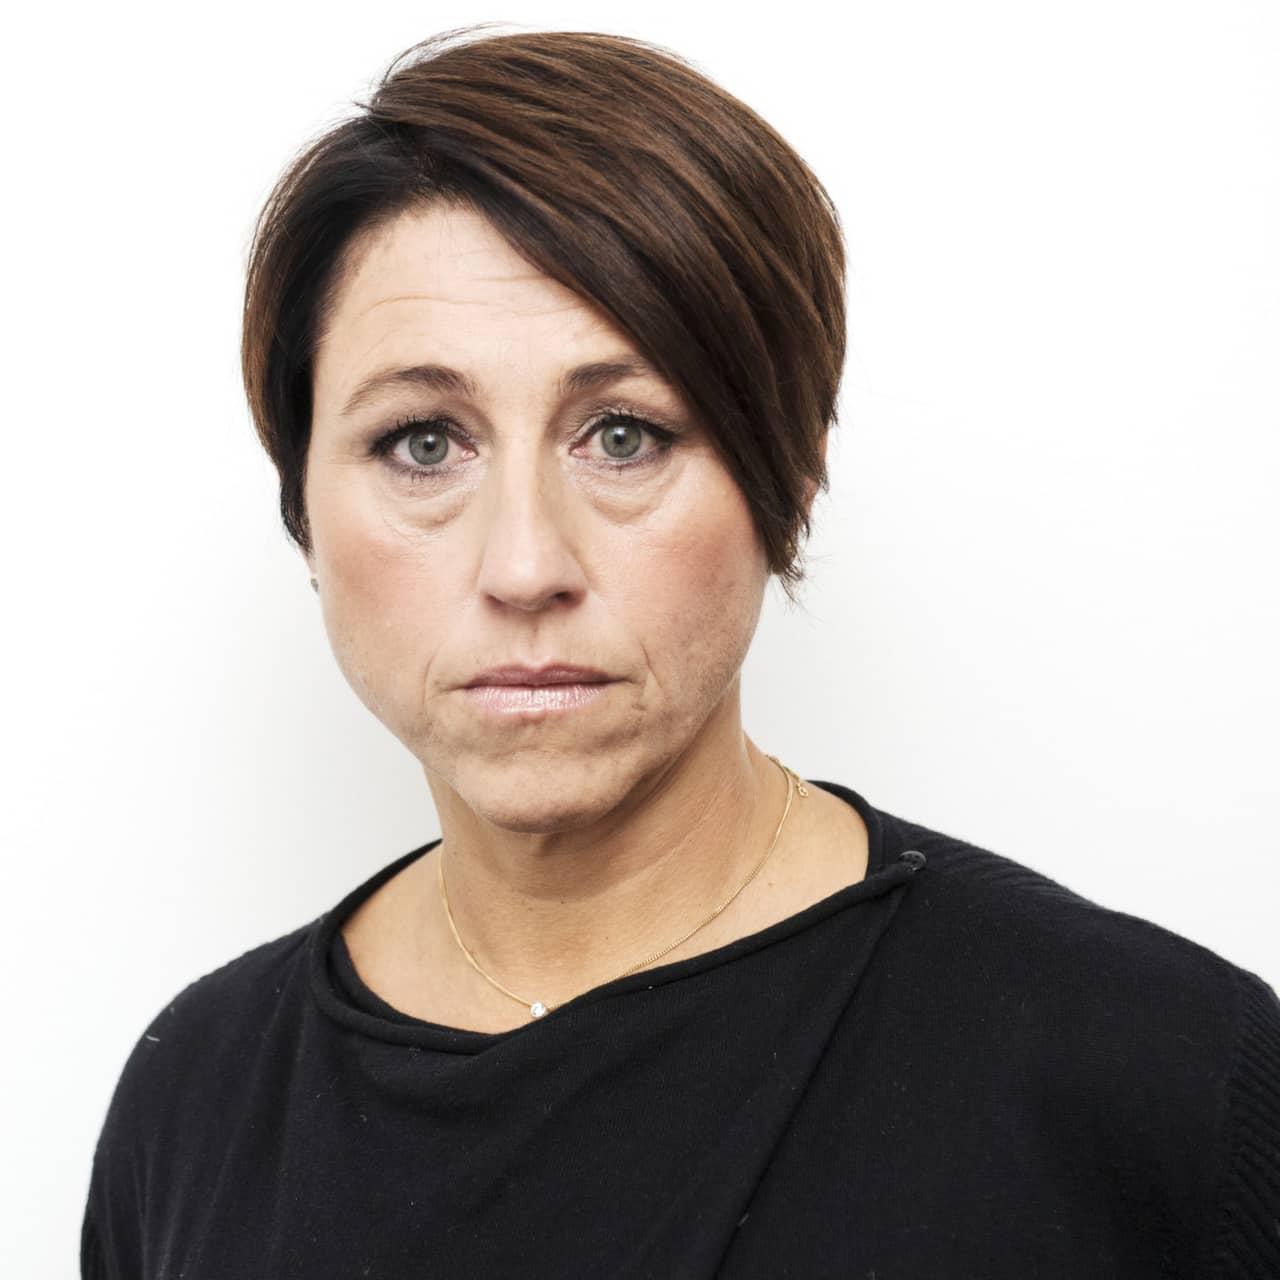 svenska porr film sex och por